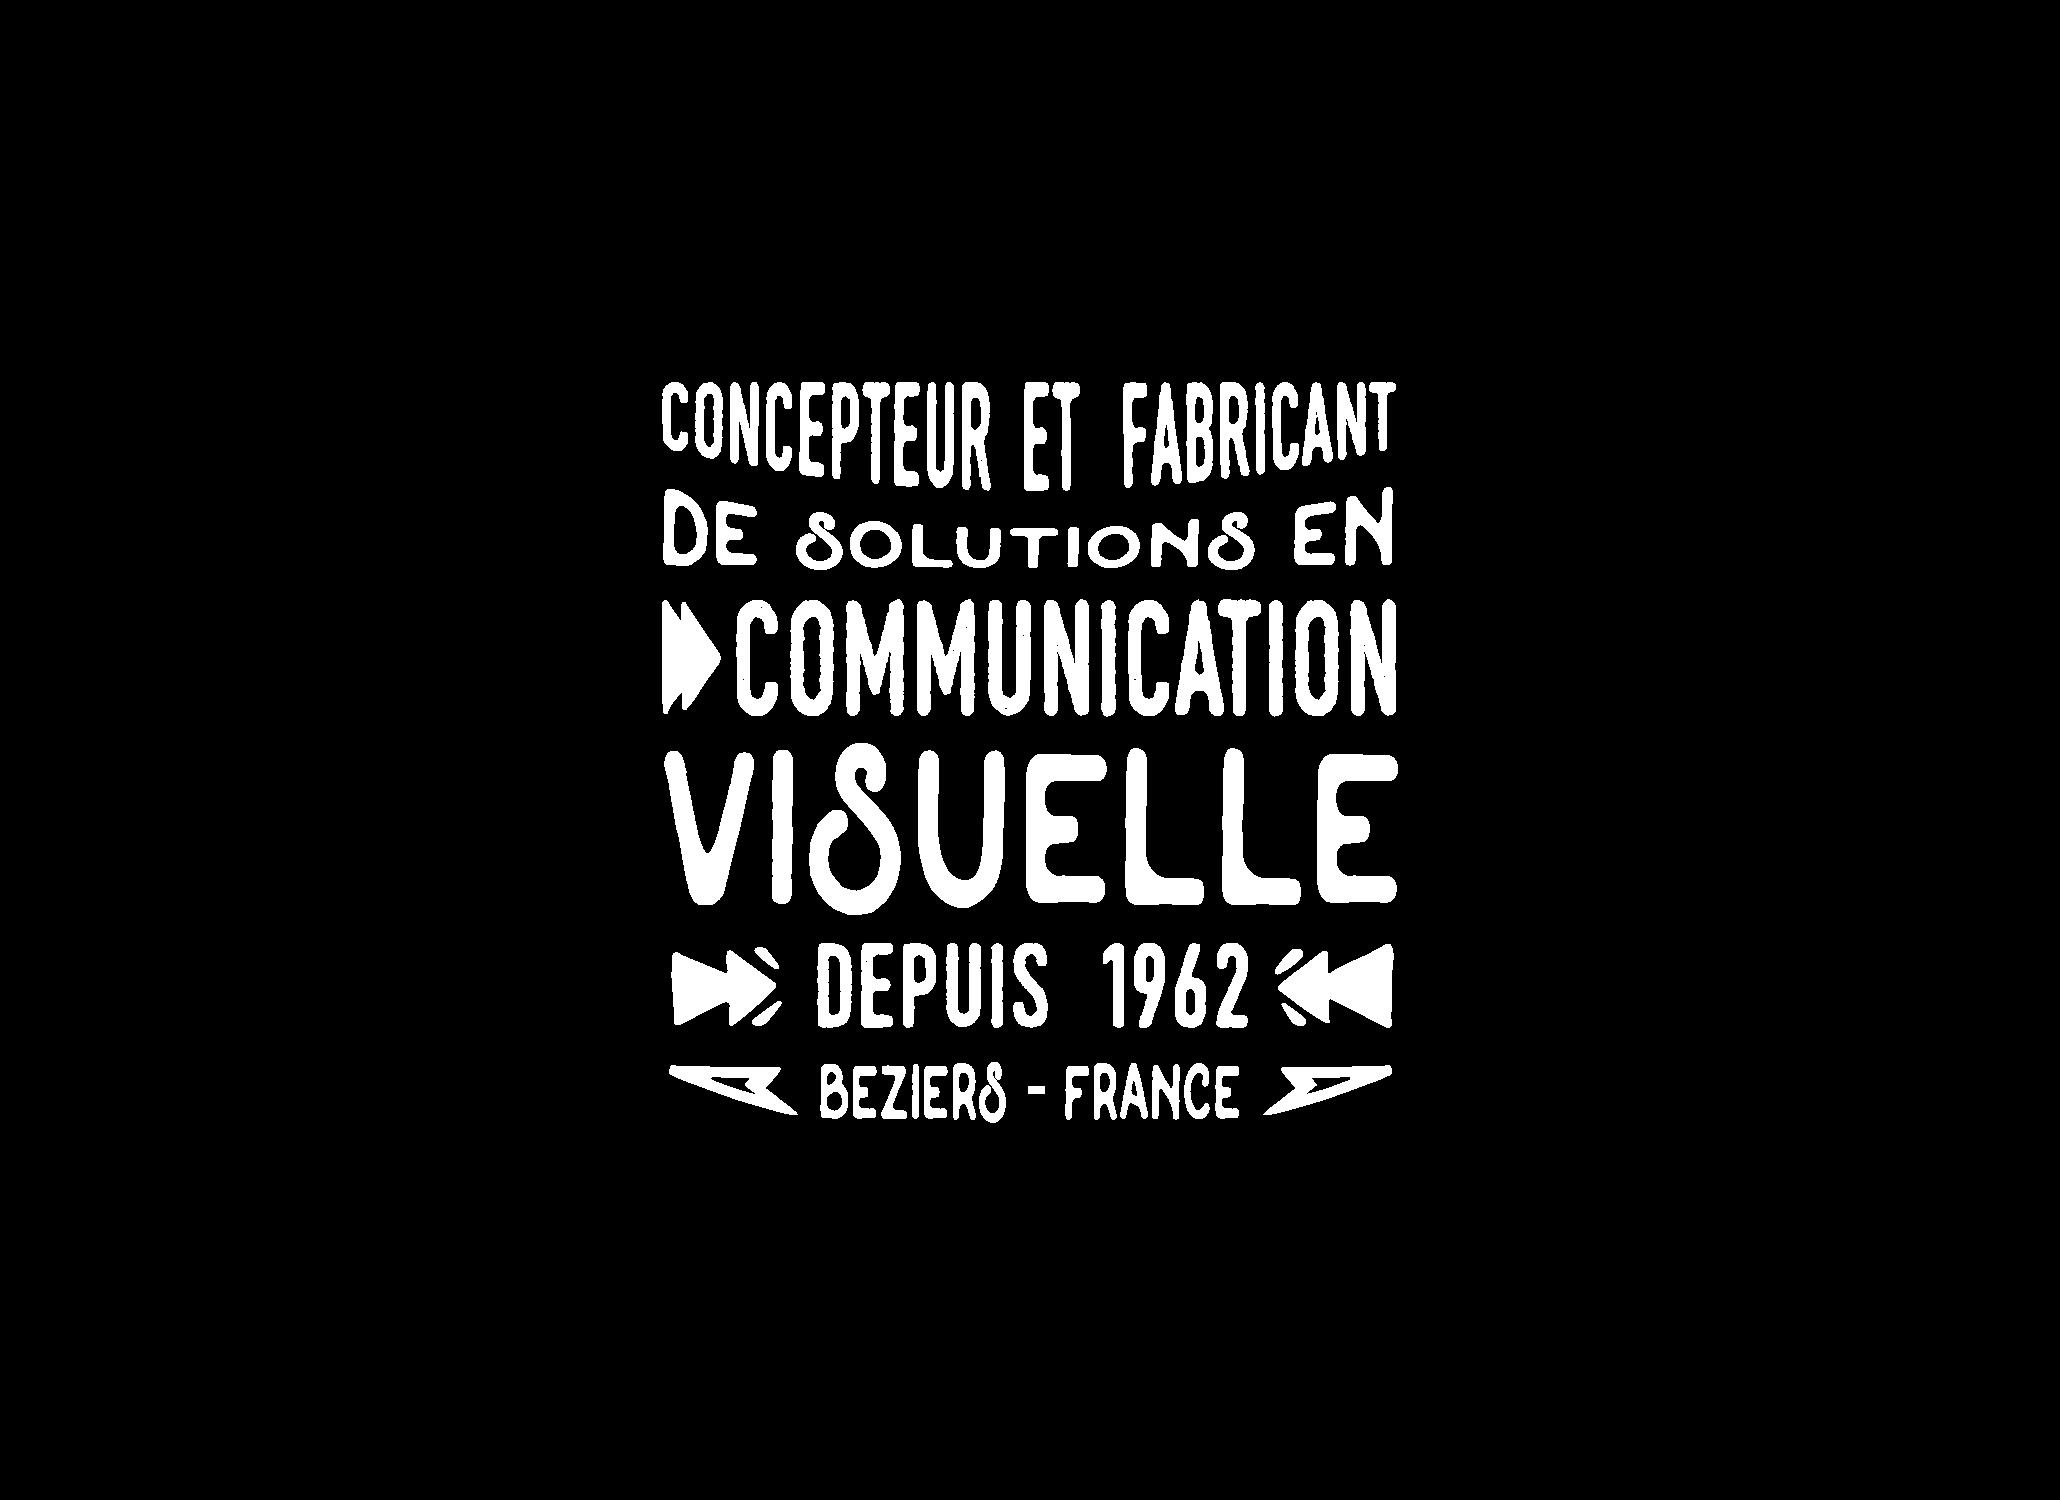 Concepteur et fabricant de solution en communication visuelle